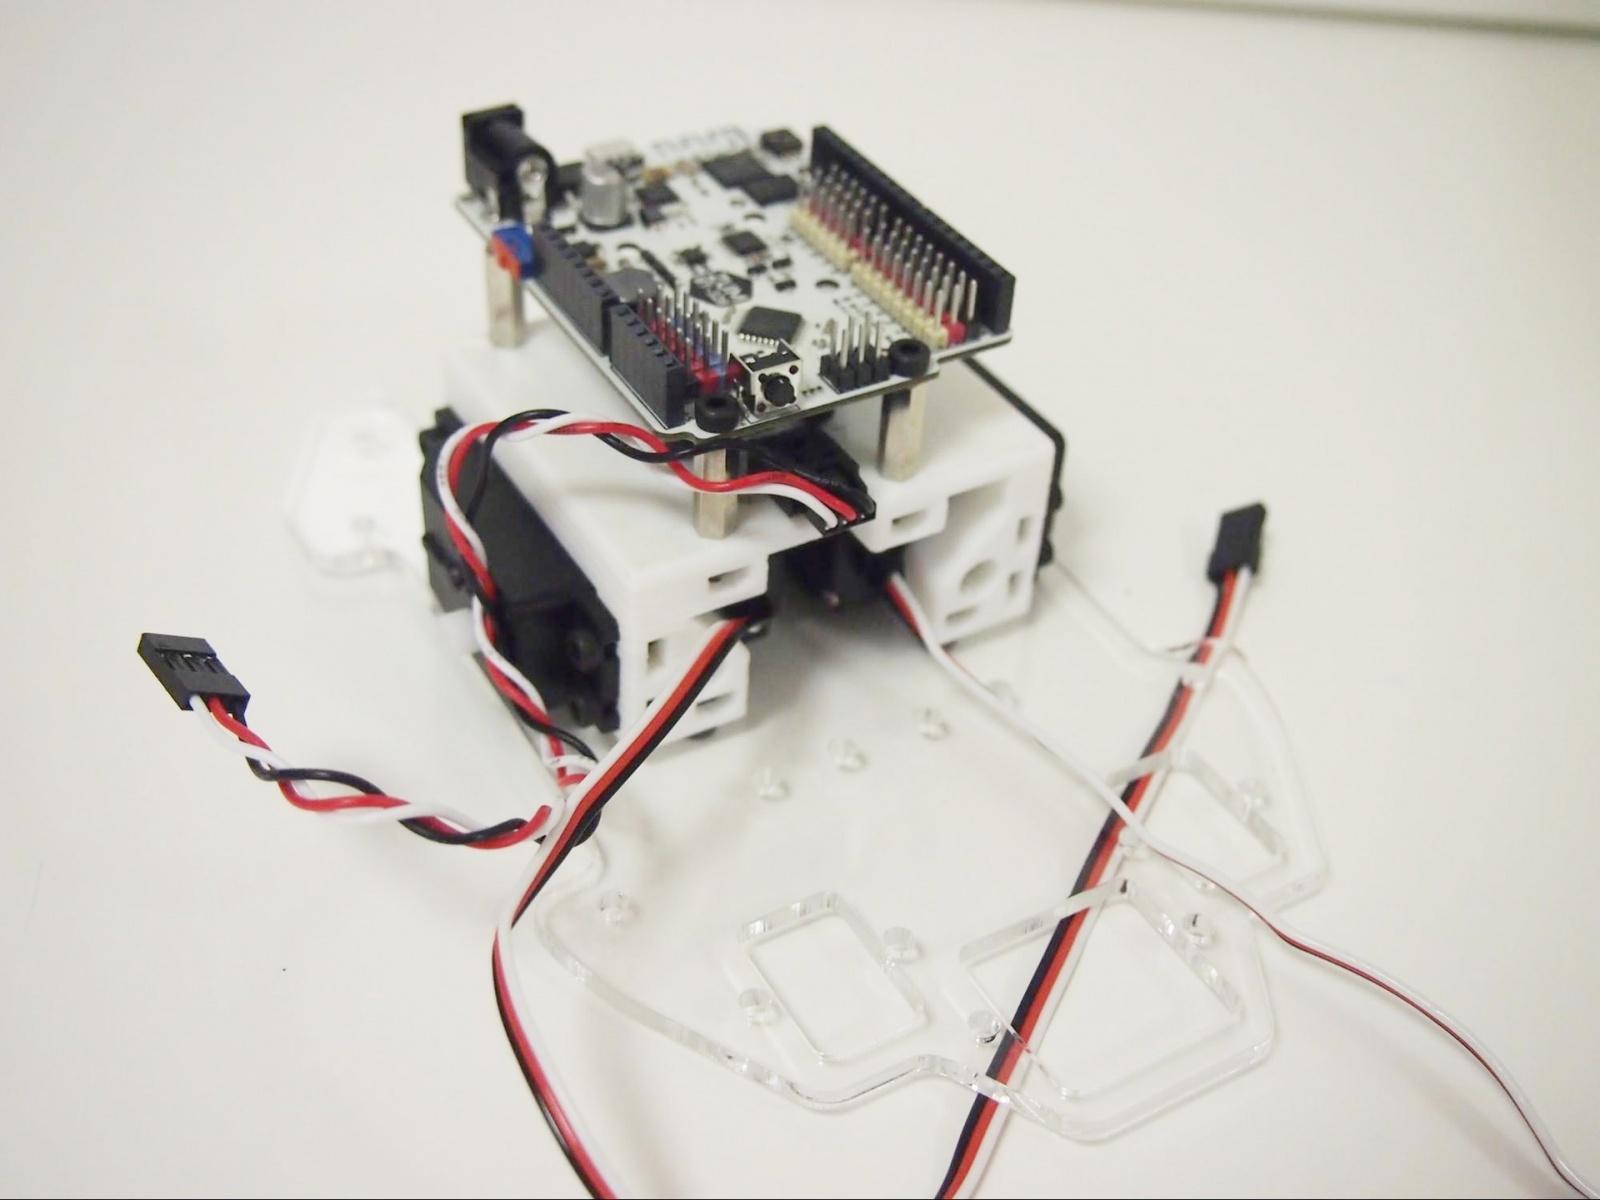 DIY Робот или эволюция в комплекте - 14